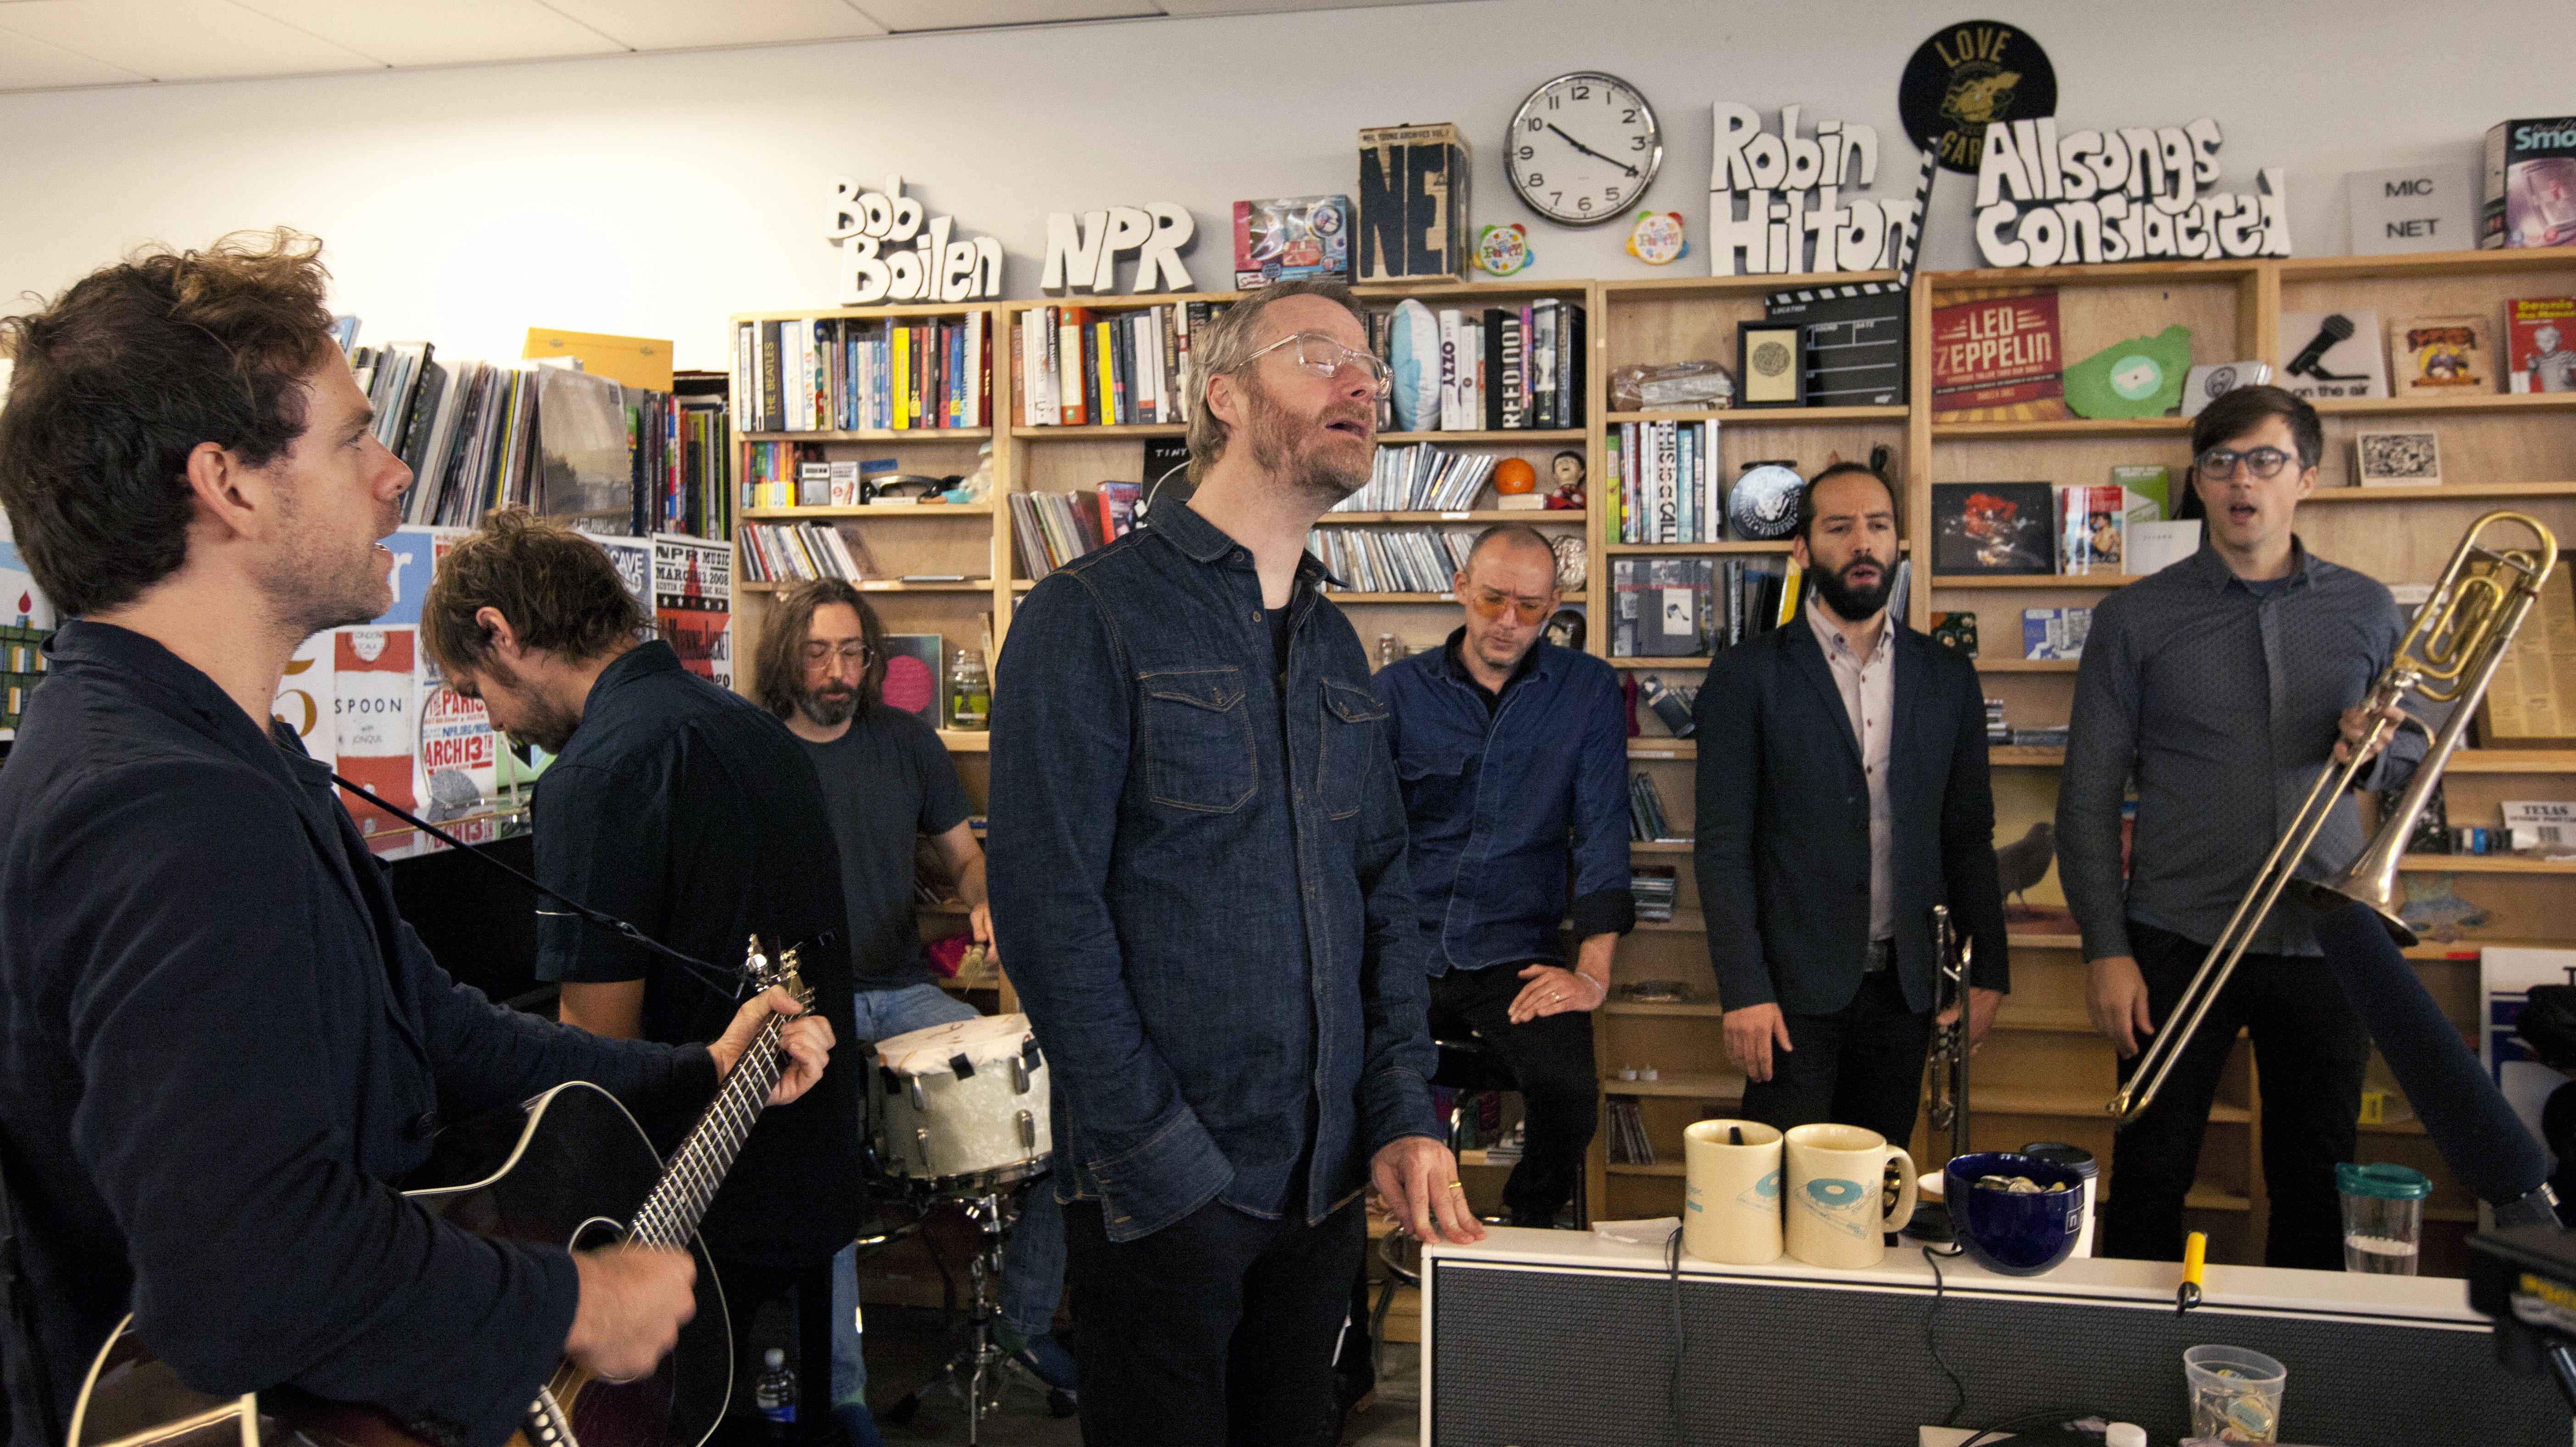 Andrea Echeverri: The National: Tiny Desk Concert : NPR